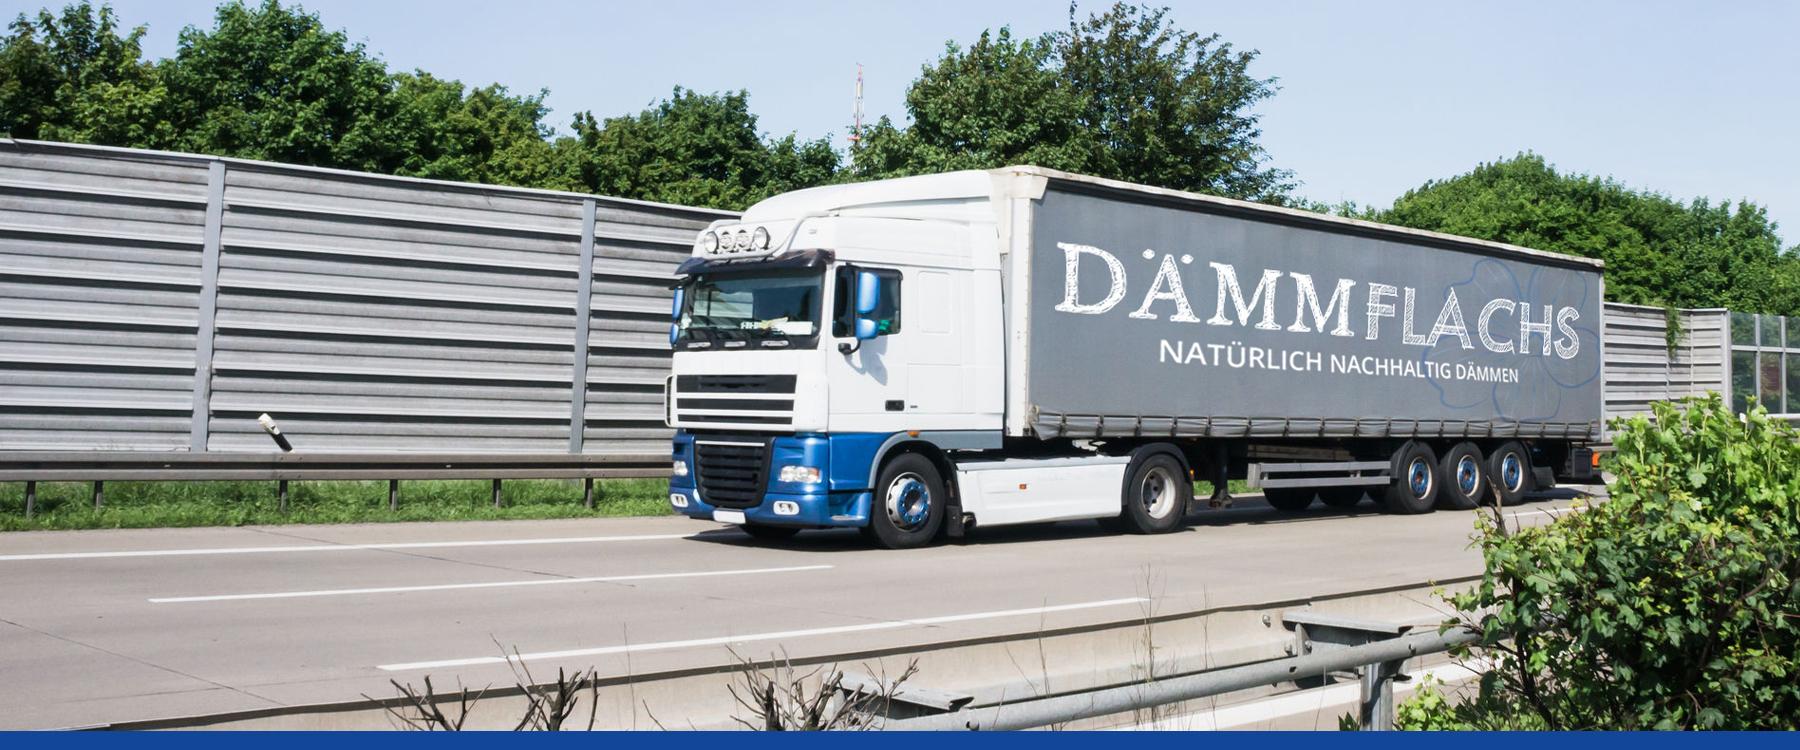 """Bild von einem LKW mit der Aufschrift """"Dämmflachs"""""""